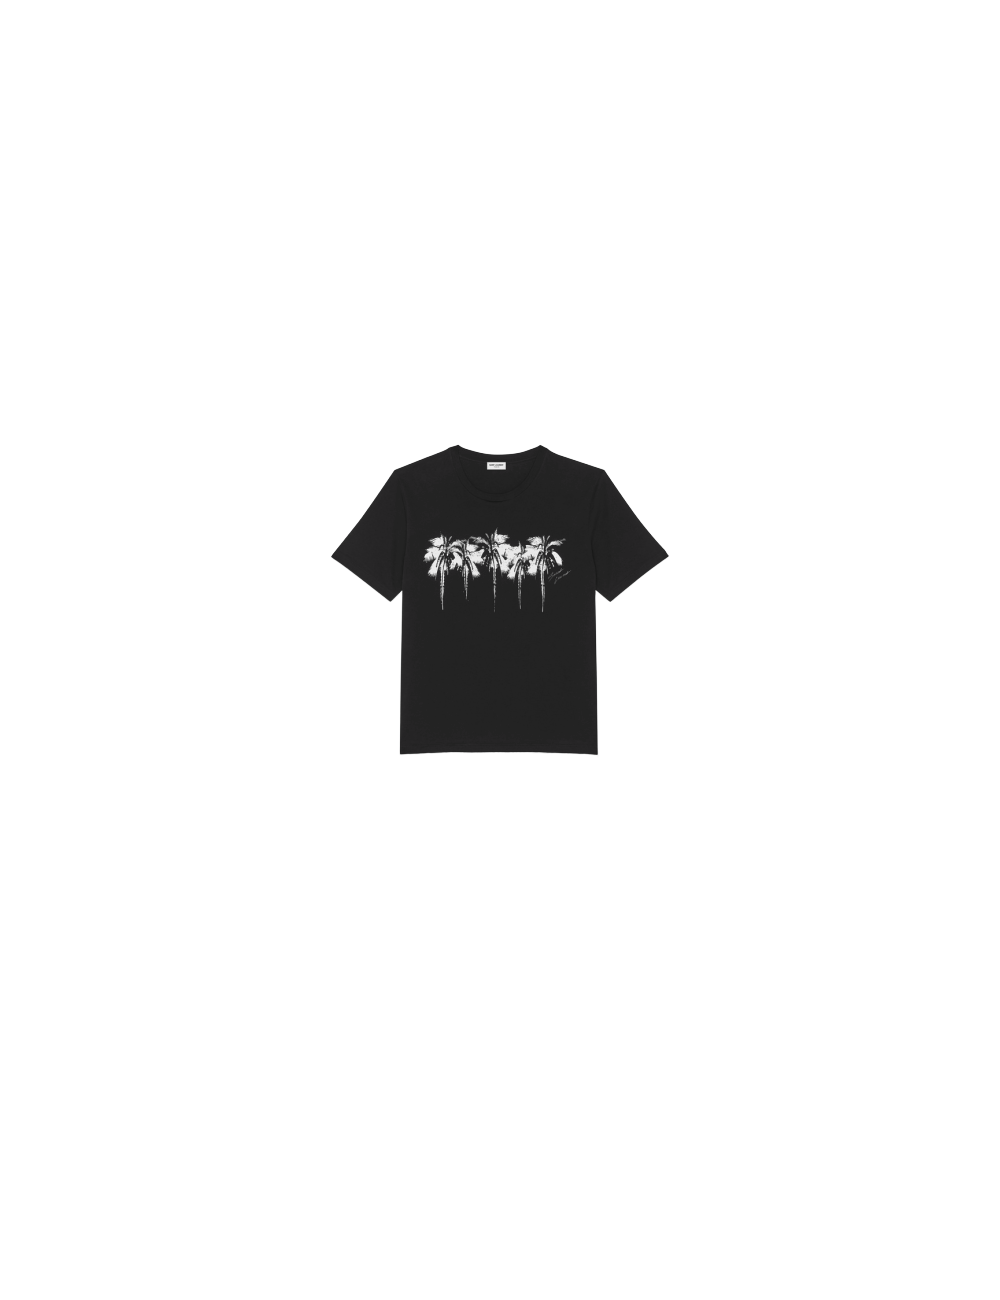 T-Shirt Palmeraie Saint Laurent - BIG BOSS MEGEVE